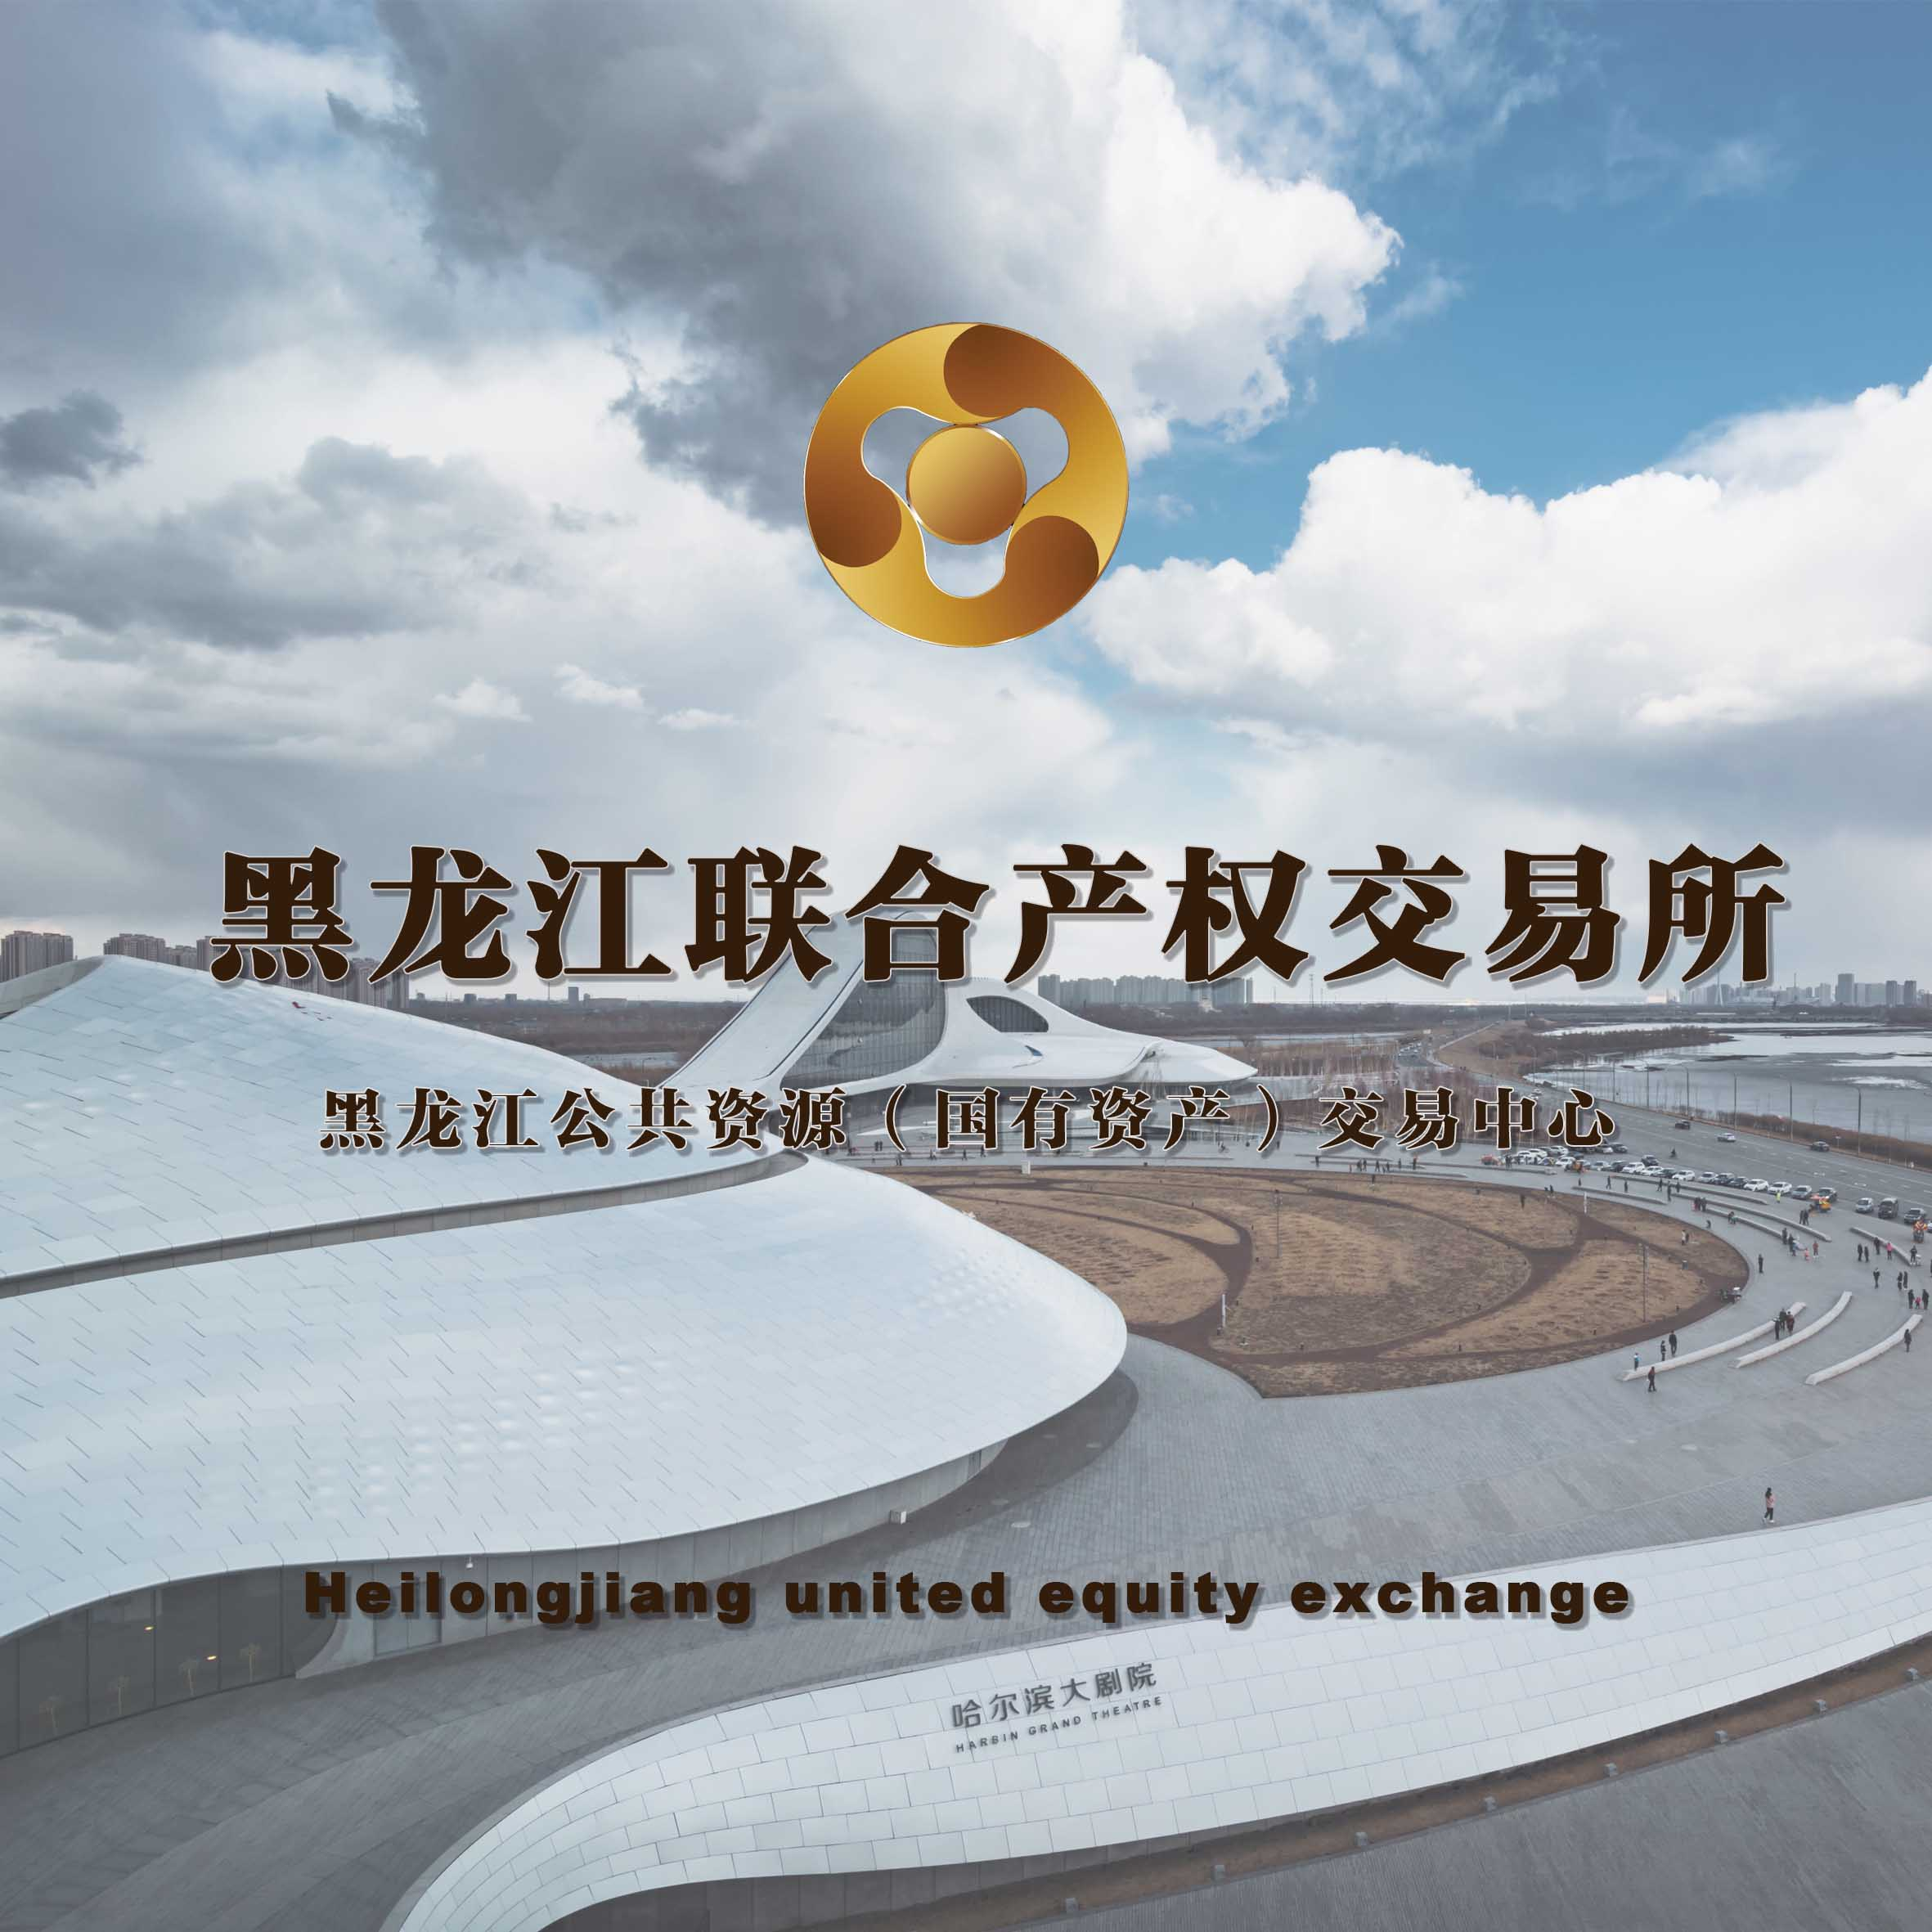 黑龙江联合产权交易所